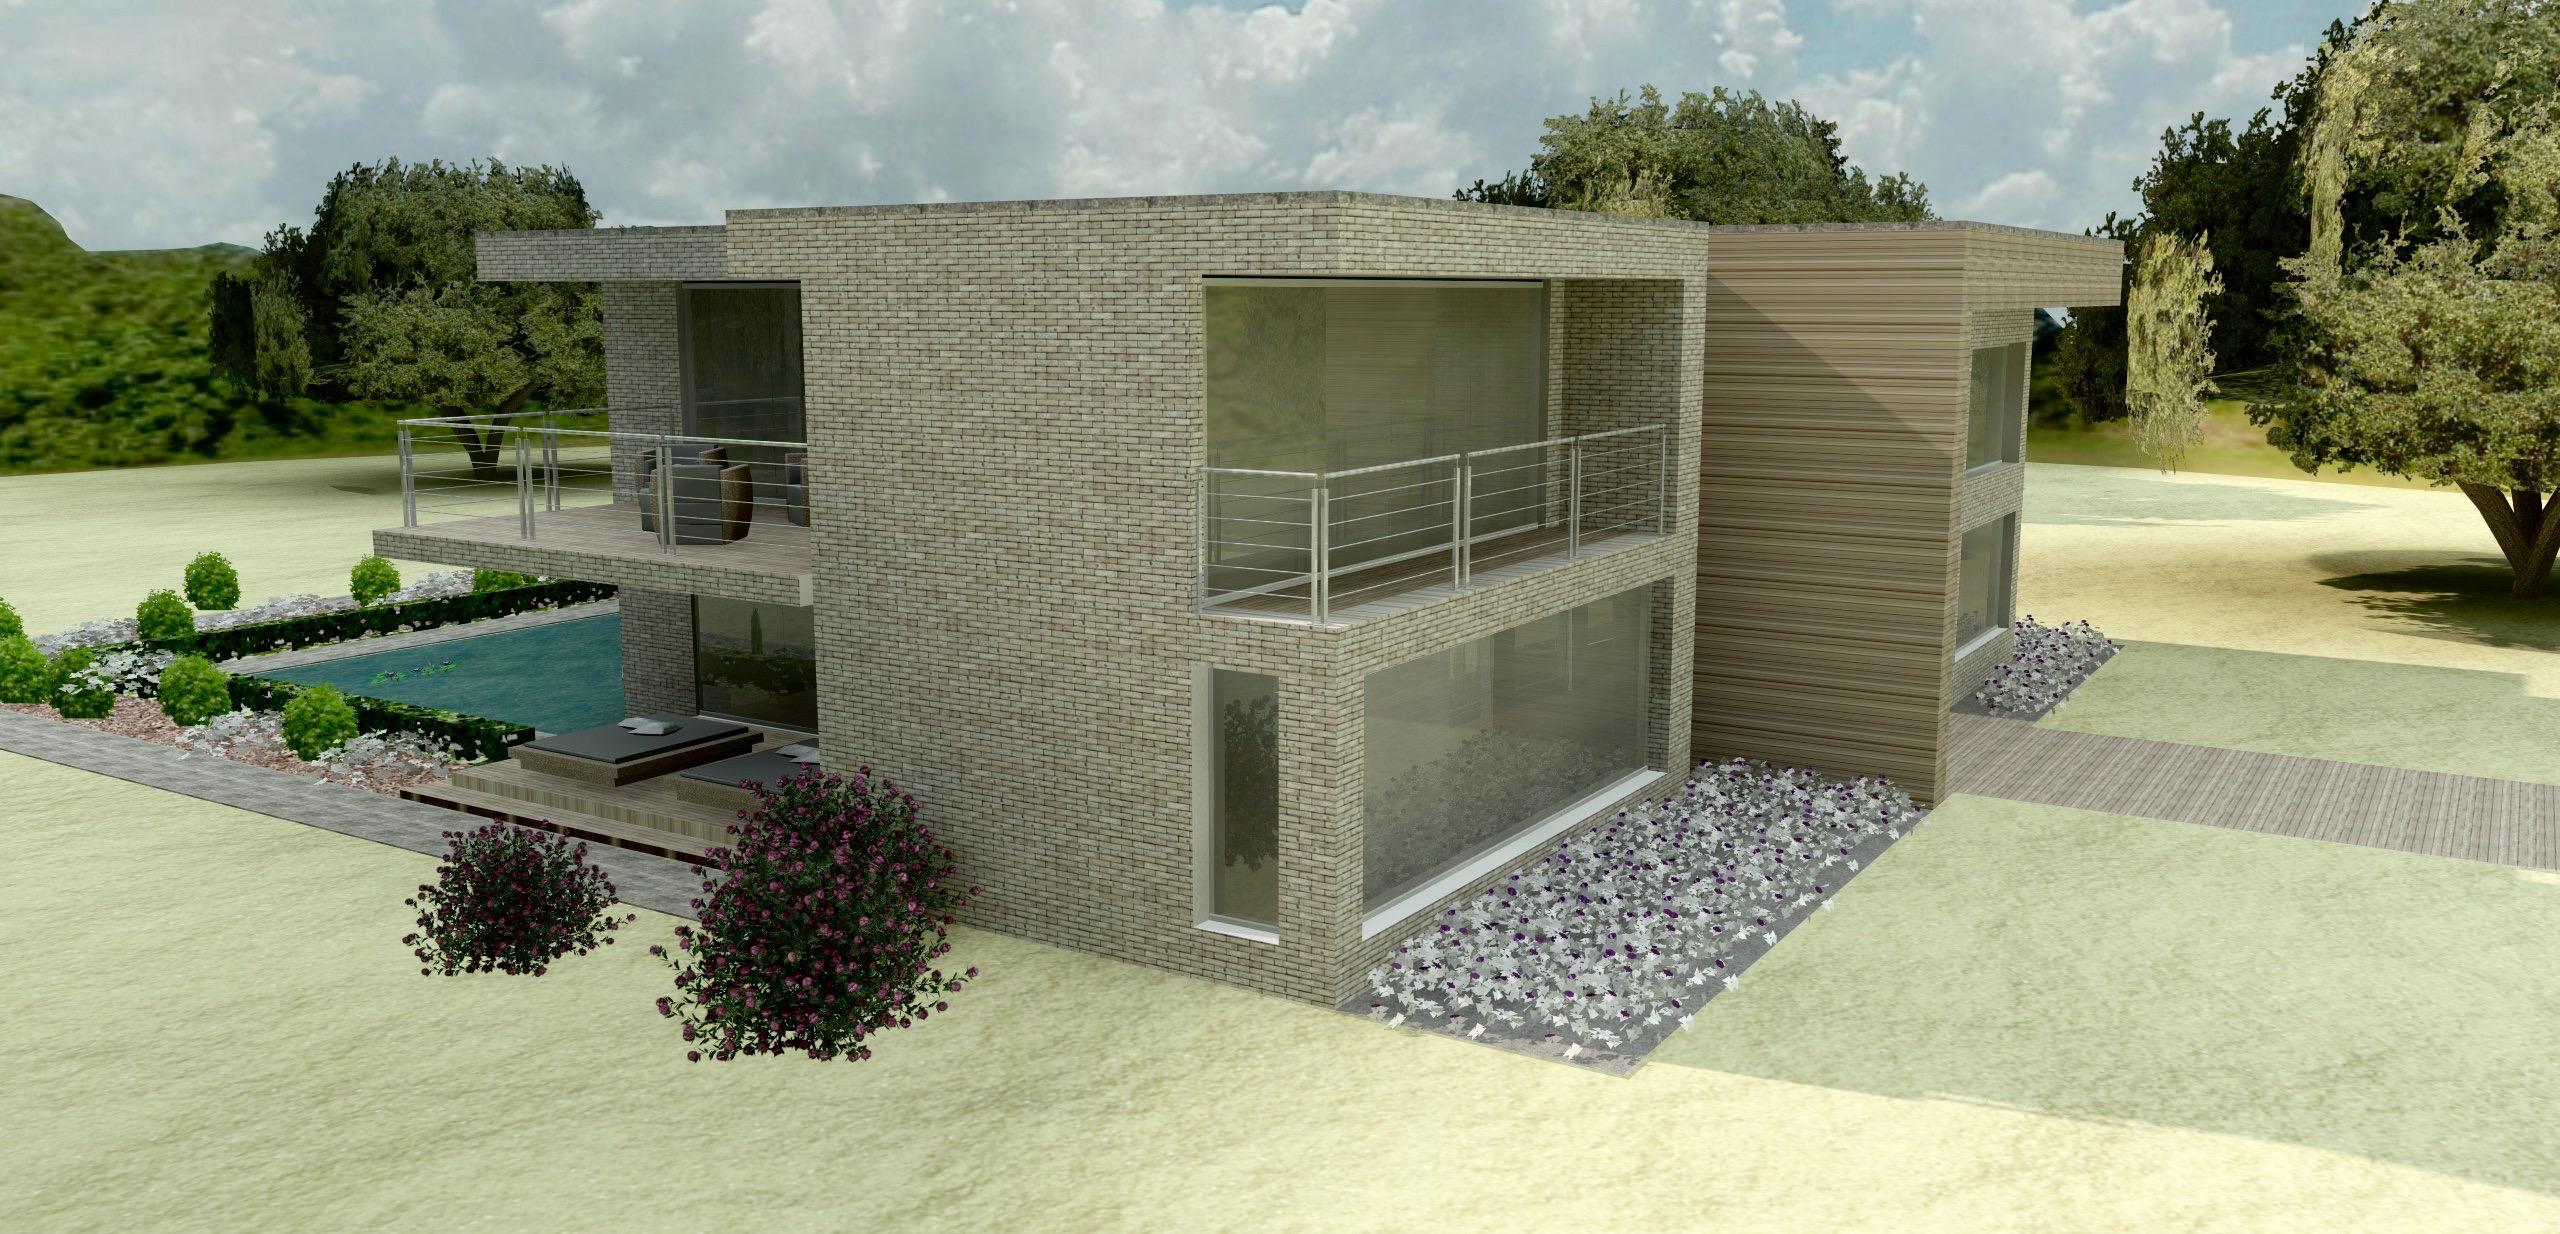 2012 - Londerzeel - zijgevel - Archion by Geert Van Rysseghem